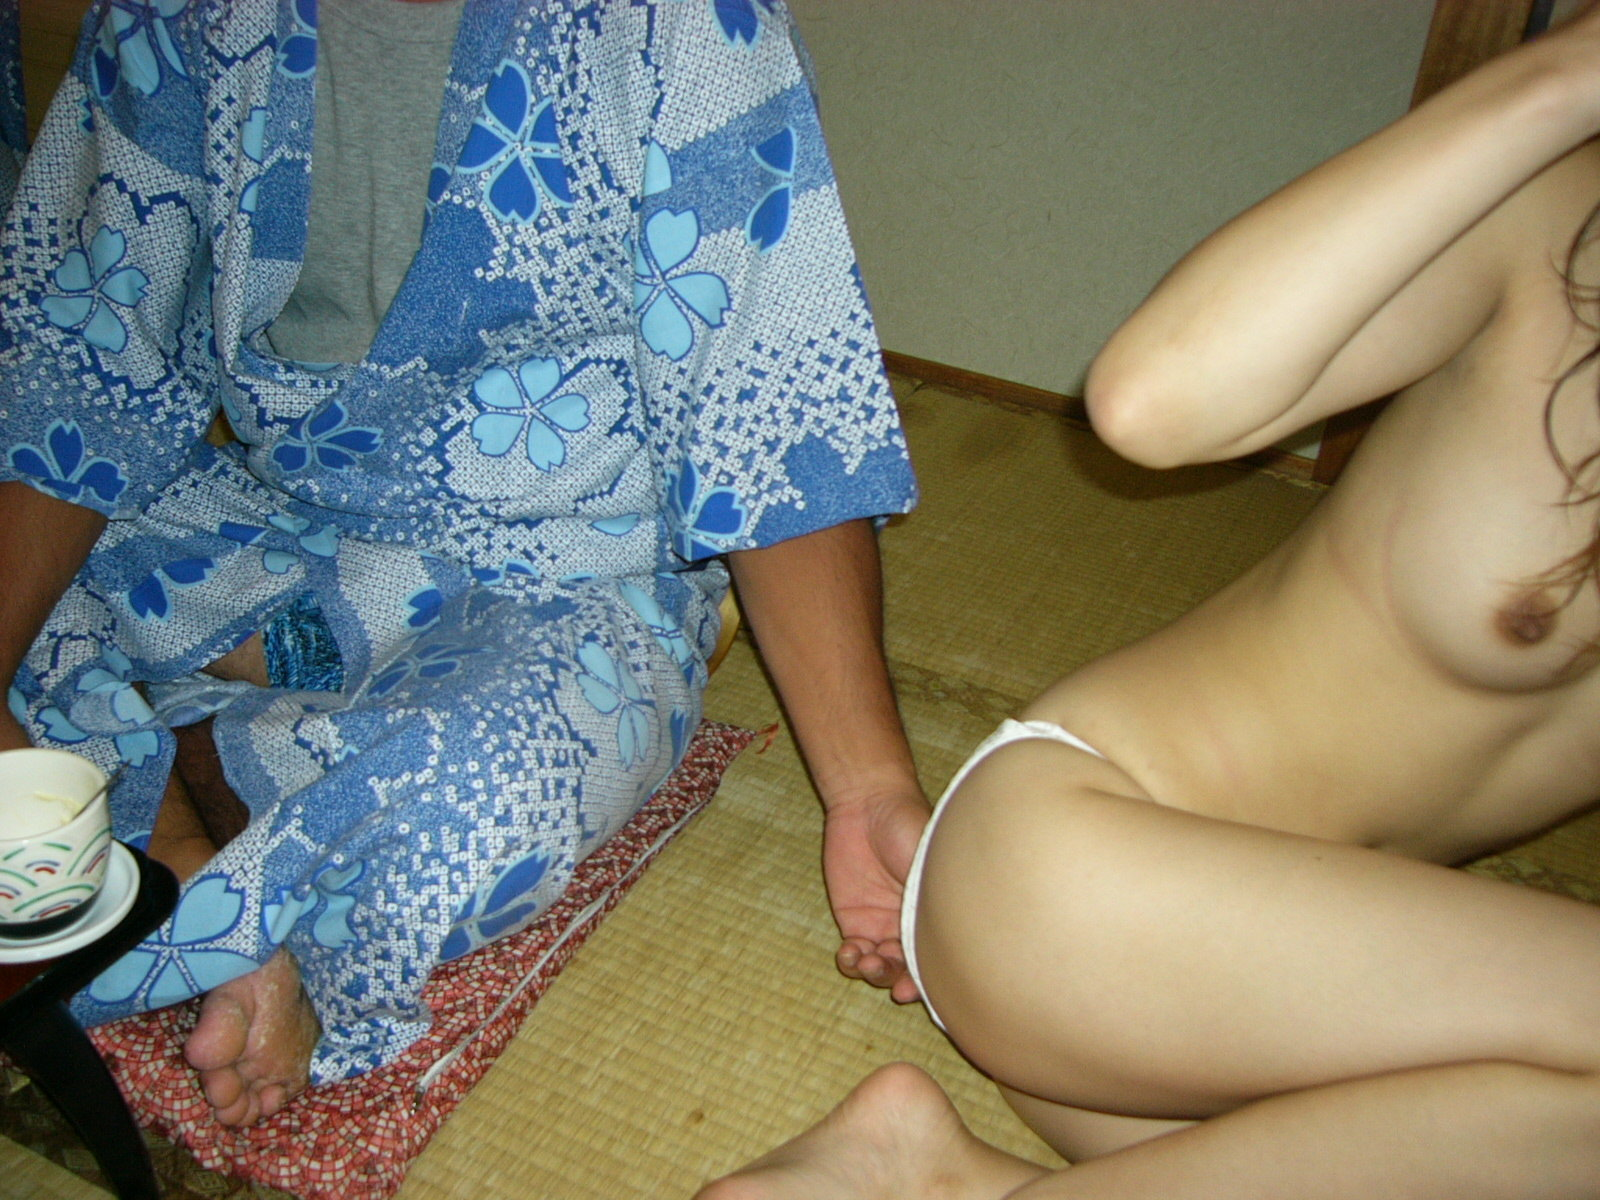 酒,コンパニオン,宴会,ピンク,エロ画像【10】